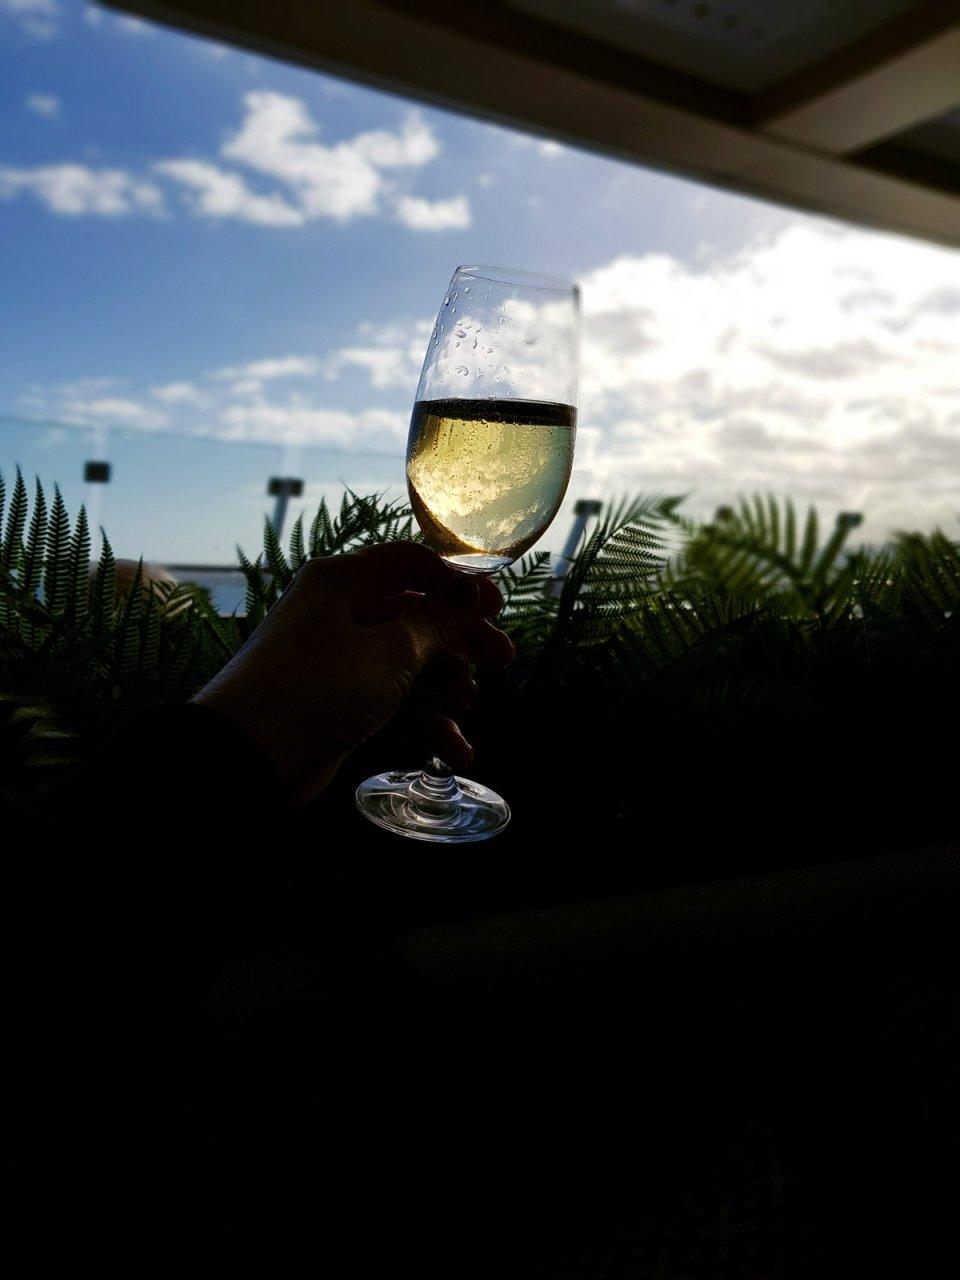 conny-doll lifestyle: Es geht weiter mit der Schiffsreise - meine Kreuzfahrt in Zahlen, Mein Schiff 1, TuiCruise, Kreuzfahrt, Seereise, Atmosphäre und Champagner in der XBar